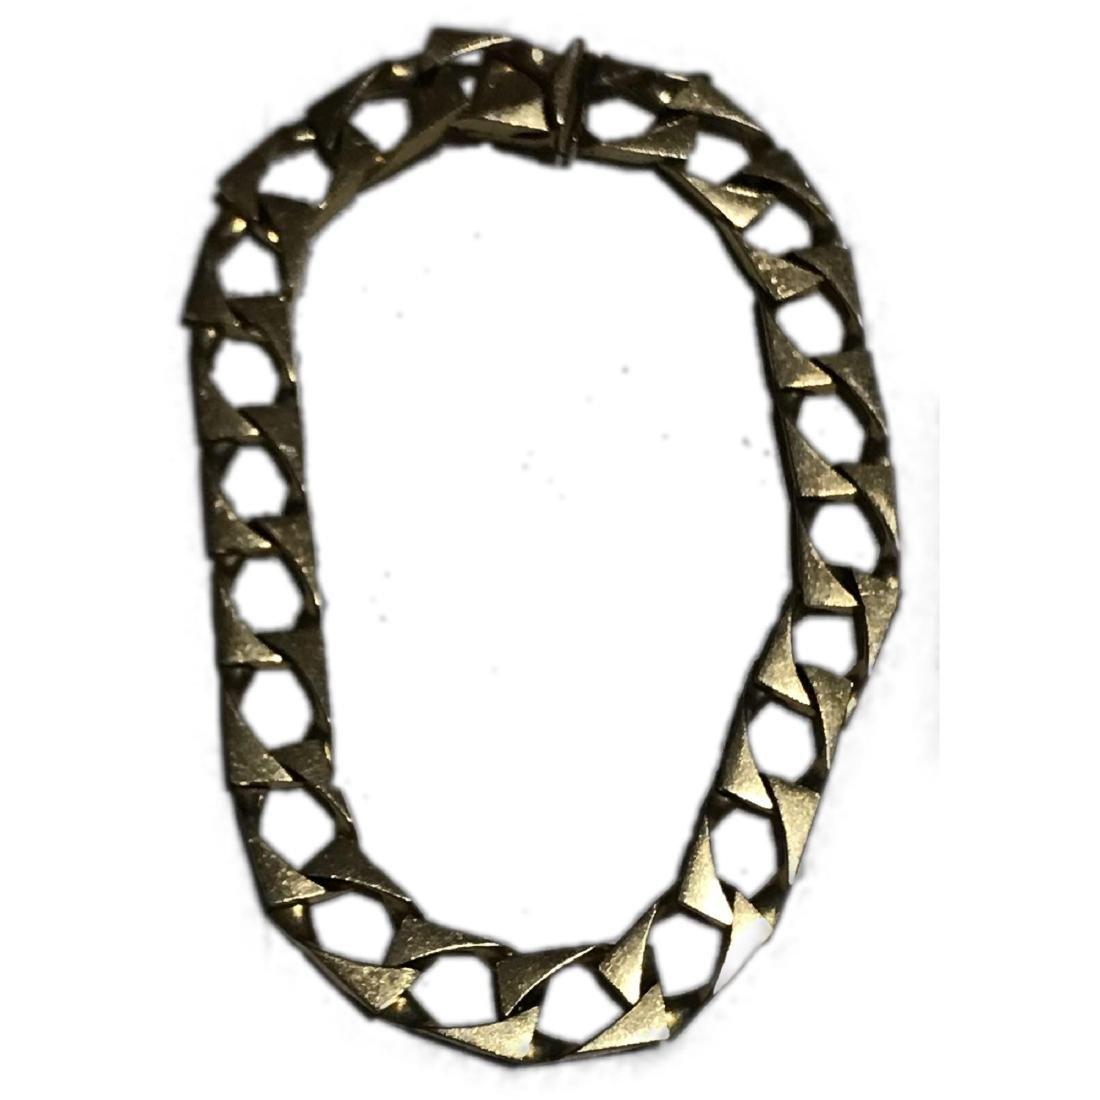 Vintage 14k Gold Men's Bracelet